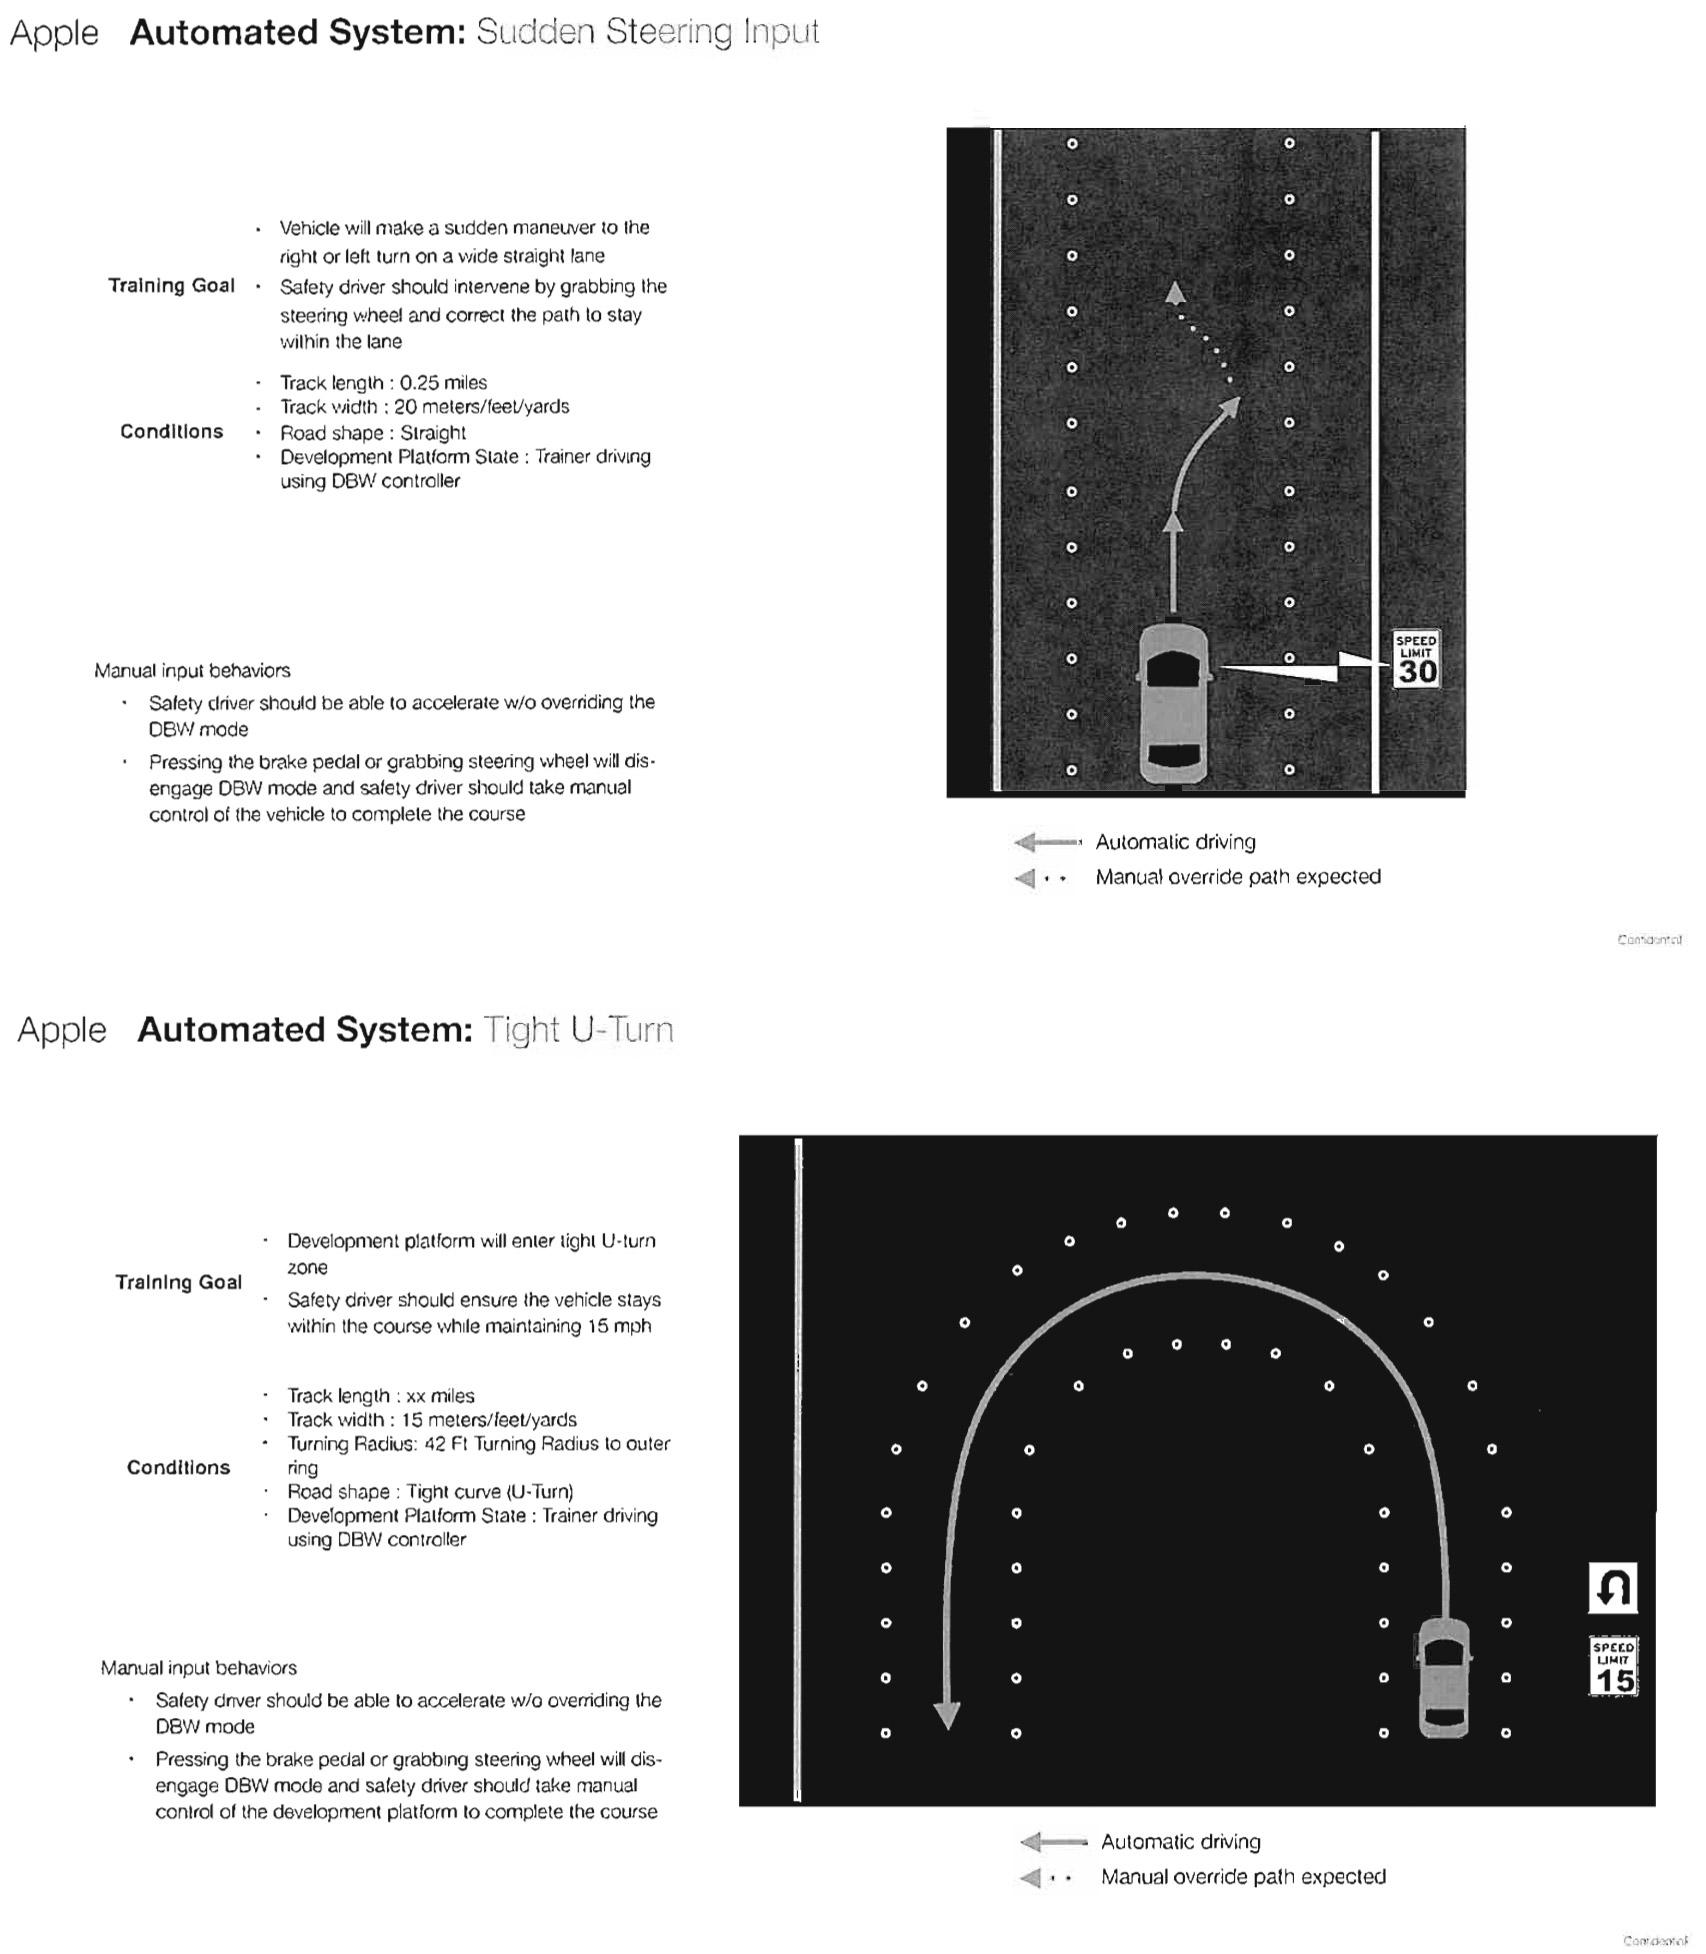 Documento filtrado de Apple que detalla pruebas de conducción para vehículos autónomos